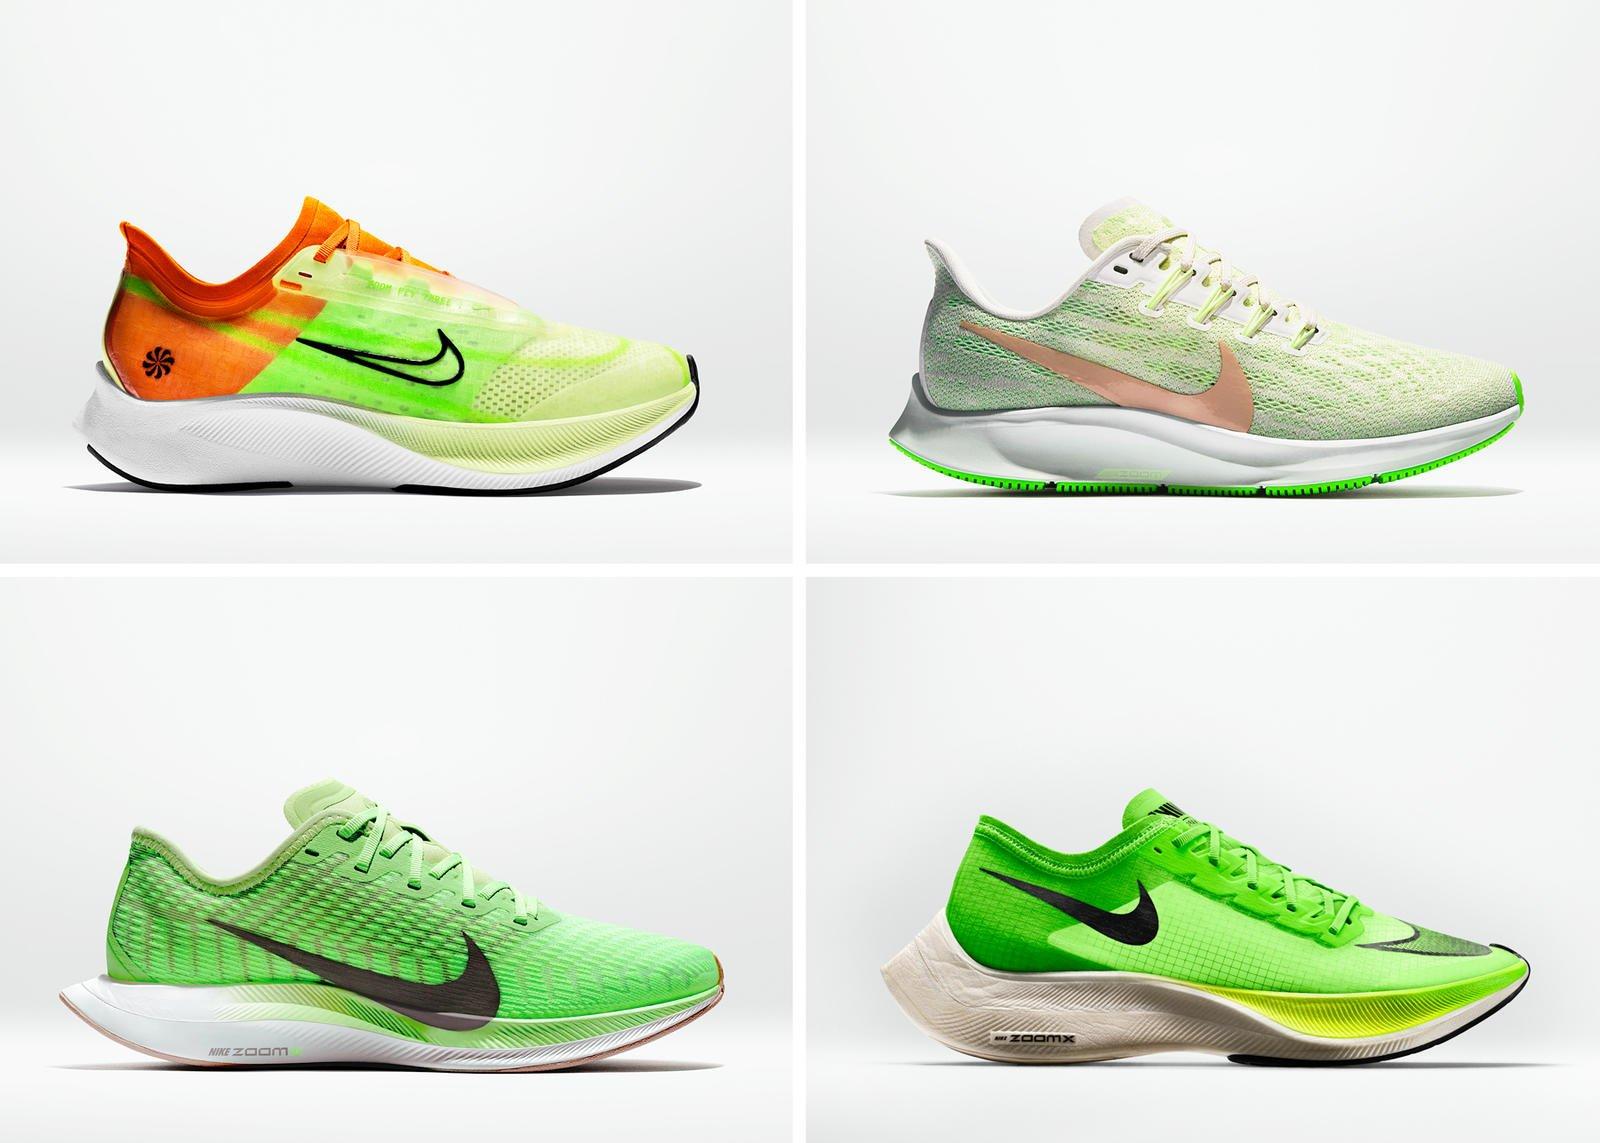 """Giày Nike Zoom rep 11 giá rẻ nhưng vẫn rất """"chất"""""""